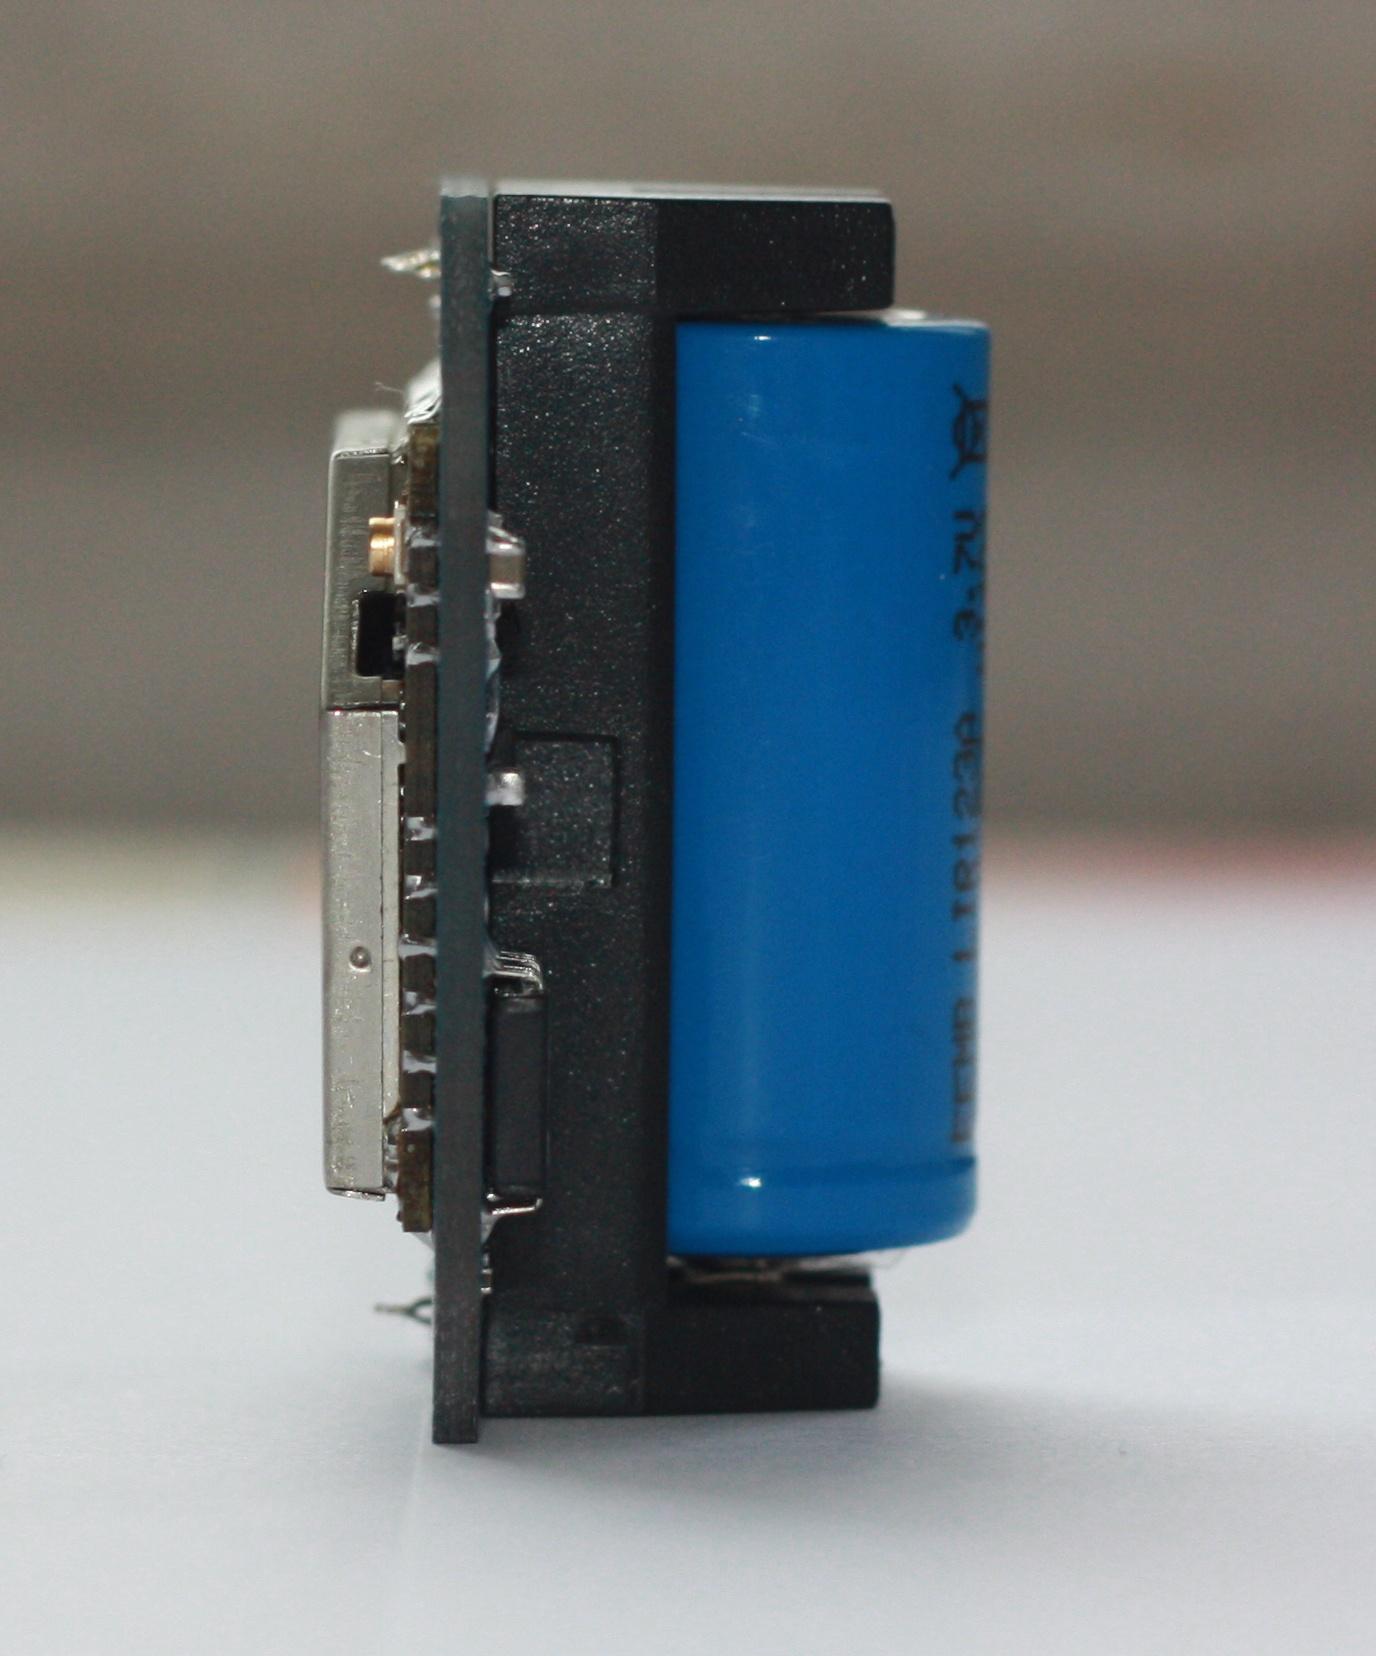 Как мы сделали малогабаритный облачный видеорегистратор из обычной IP камеры - 33